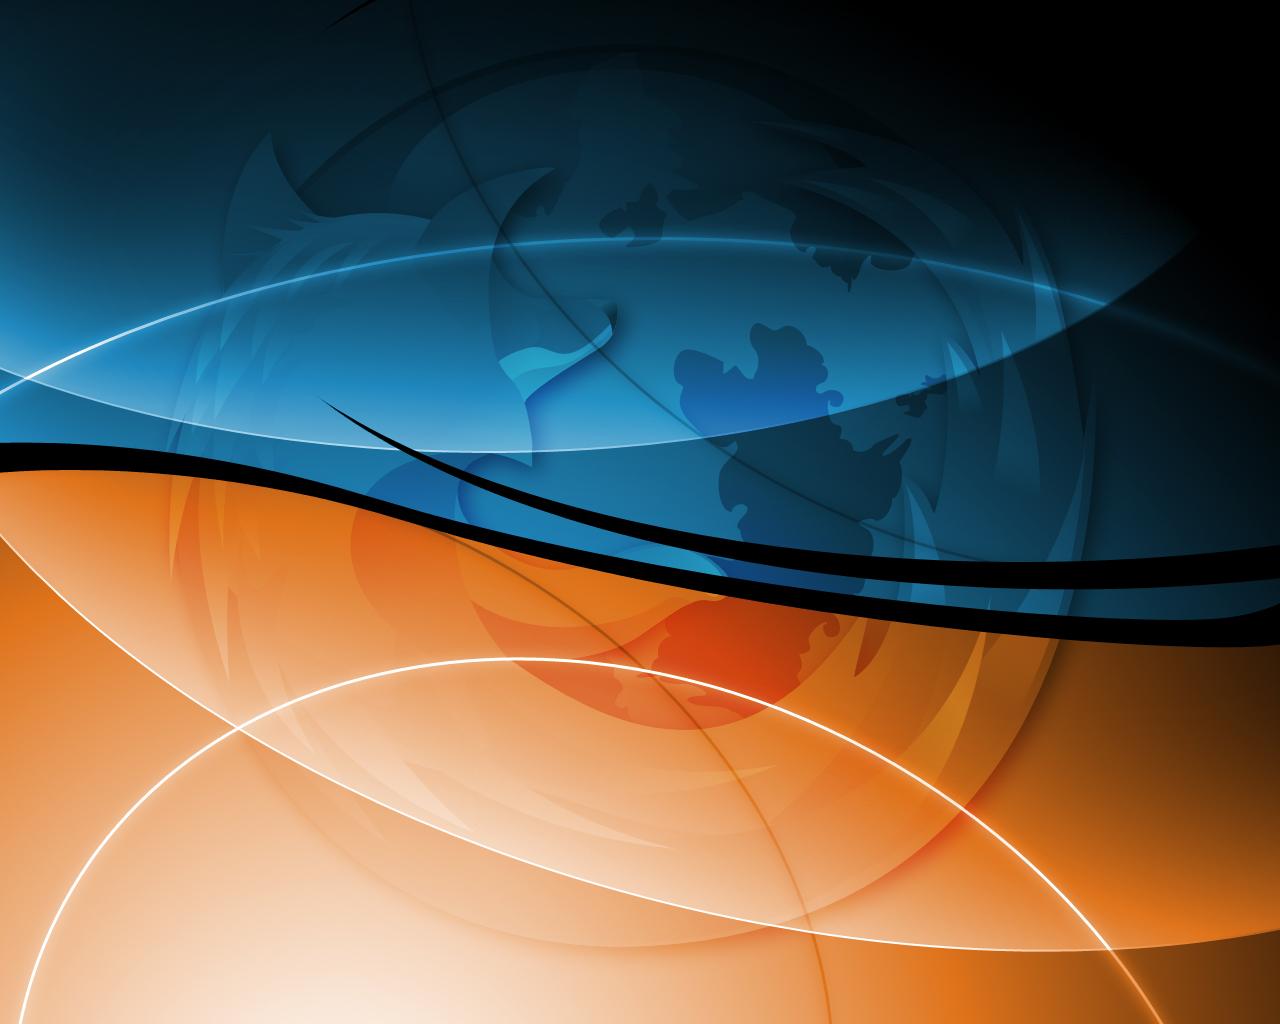 http://2.bp.blogspot.com/_-N7QE2ihONg/TSL810X-w2I/AAAAAAAAAZ0/Kyw0jw2TslY/s1600/41.jpg